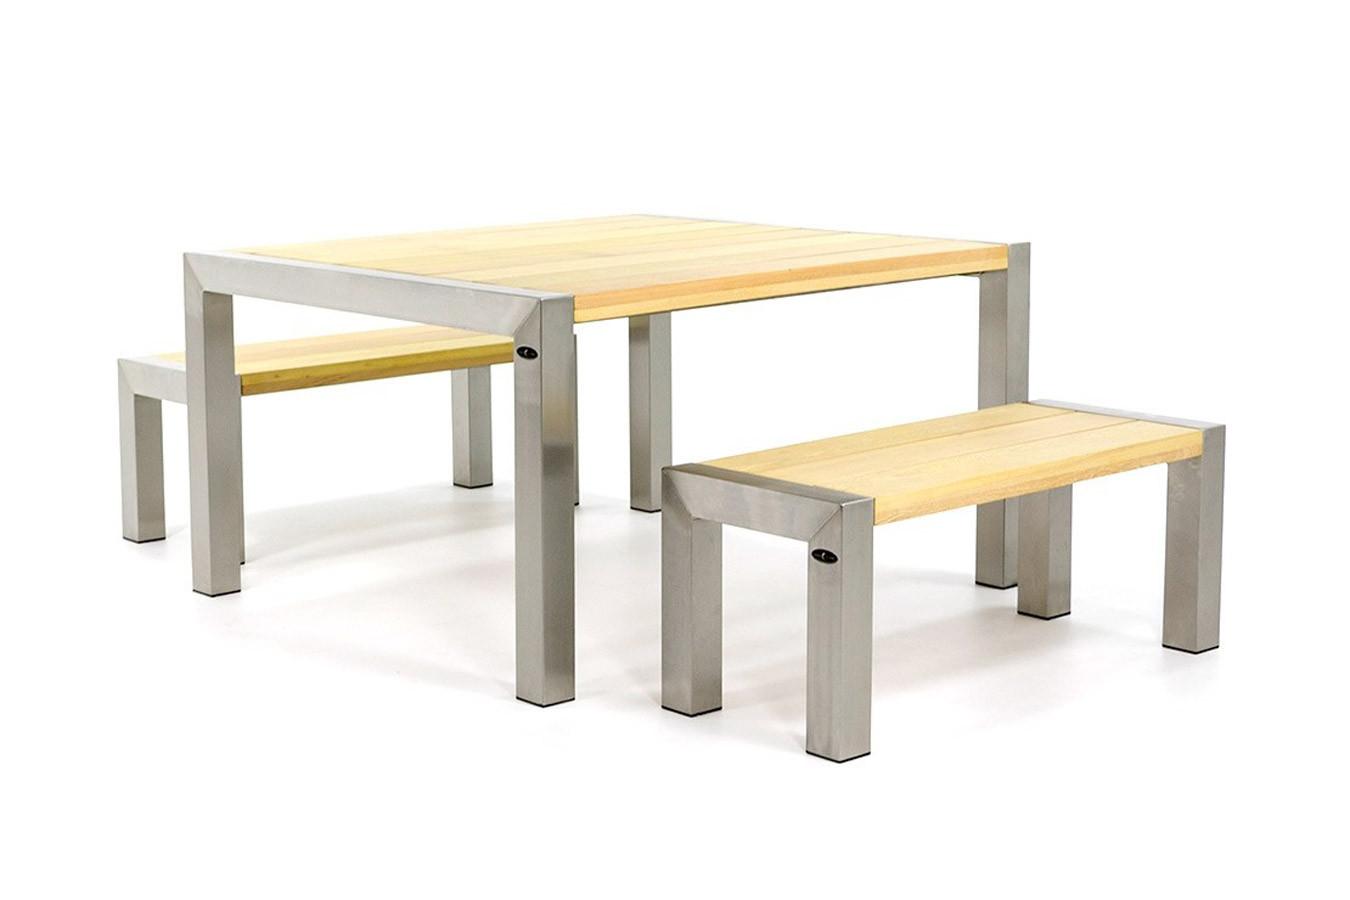 Gartentisch und Bänke aus Edelstahl mit Holzplatte